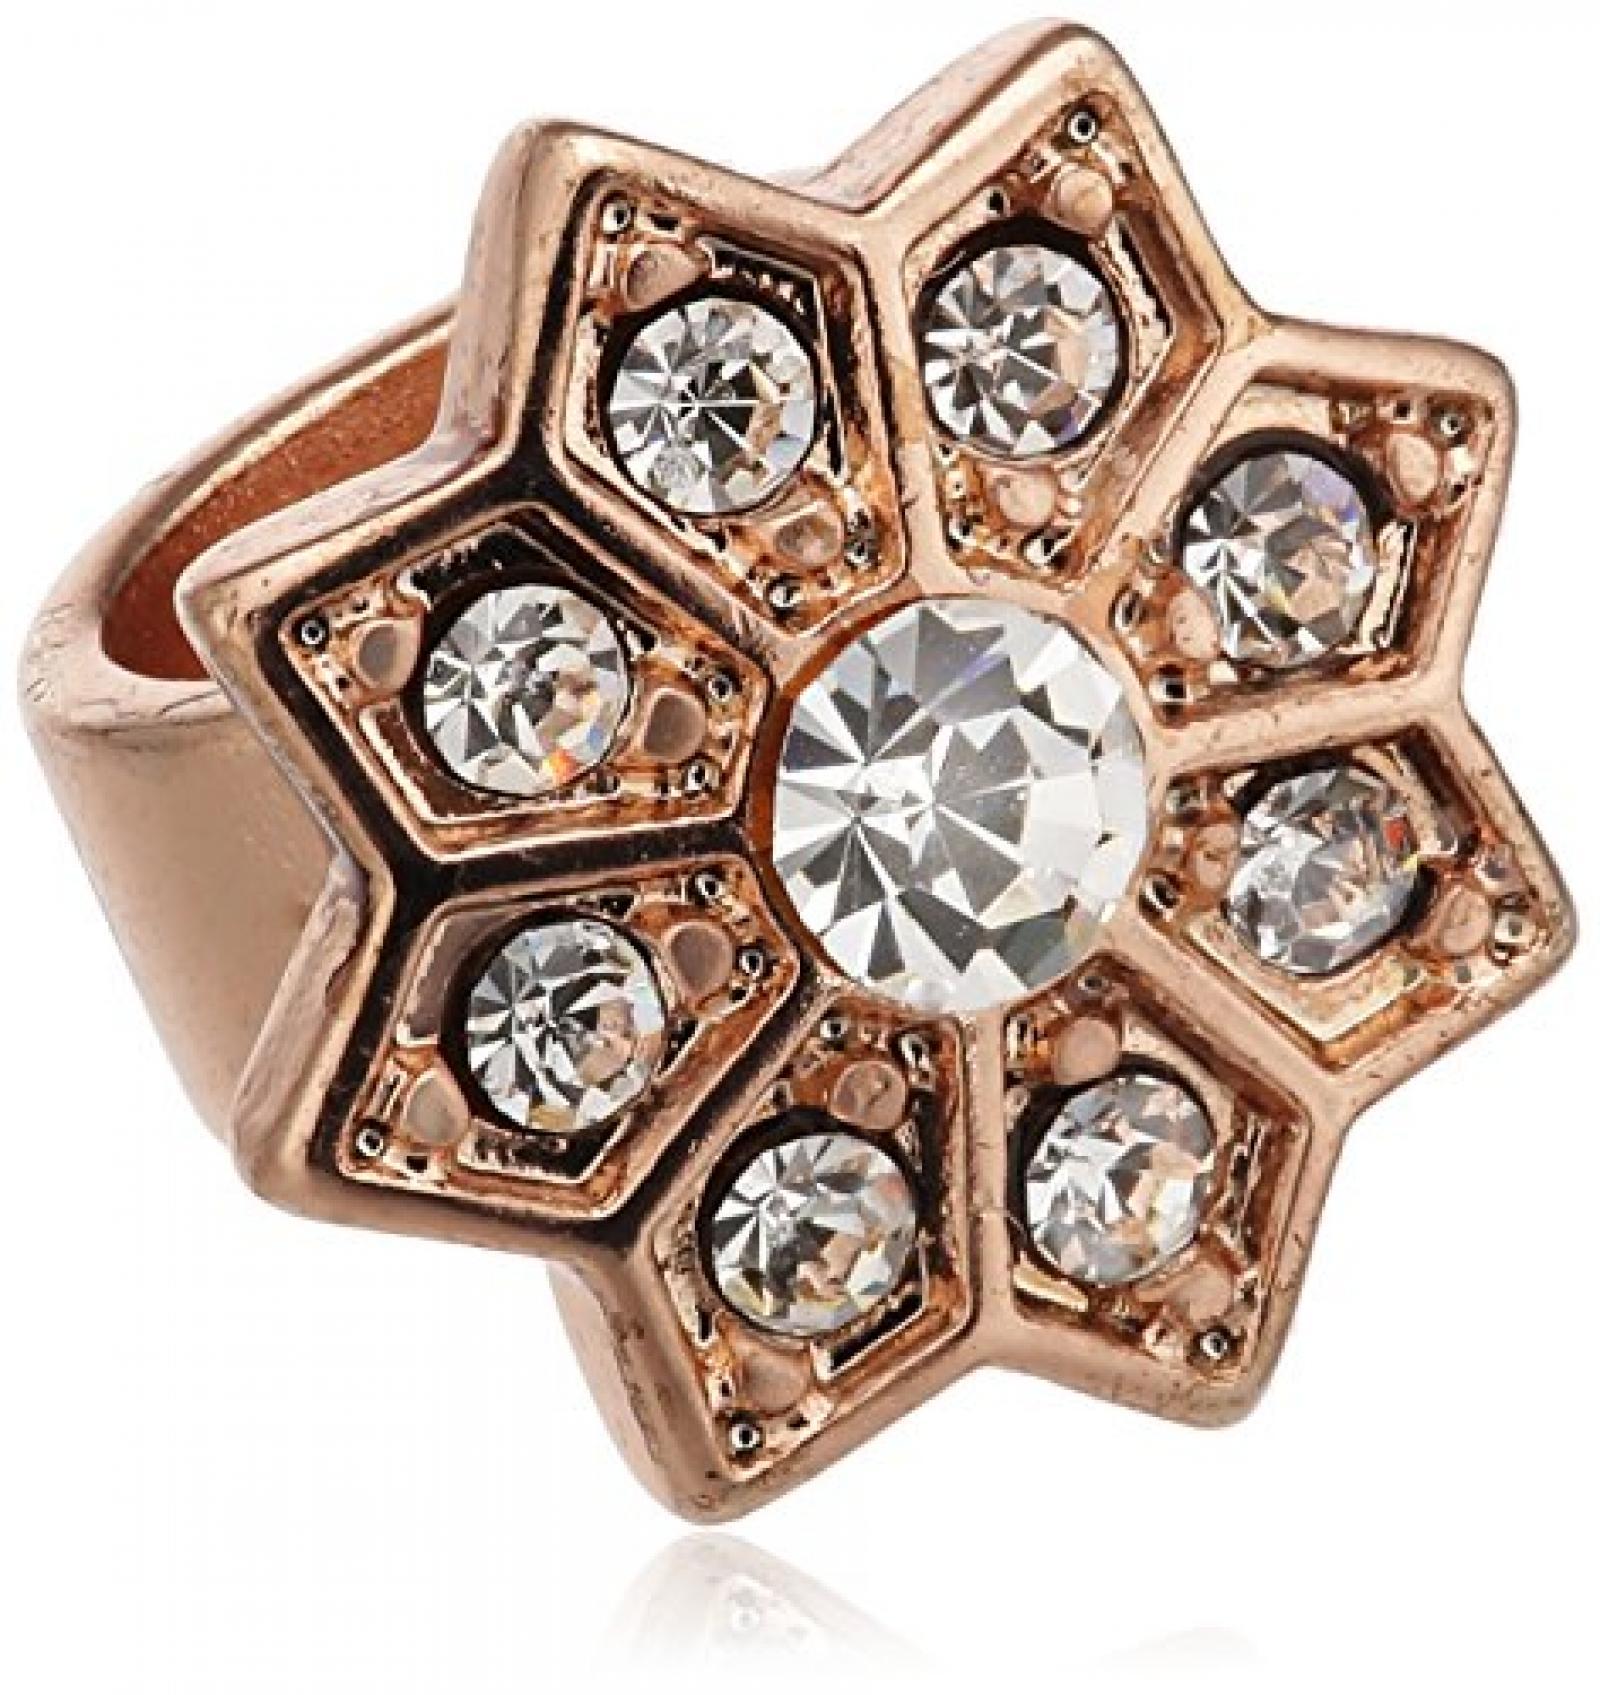 Pilgrim Damen-Anhänger aus der Serie Charming RoséGold beschichtet Kristall 42122-4010